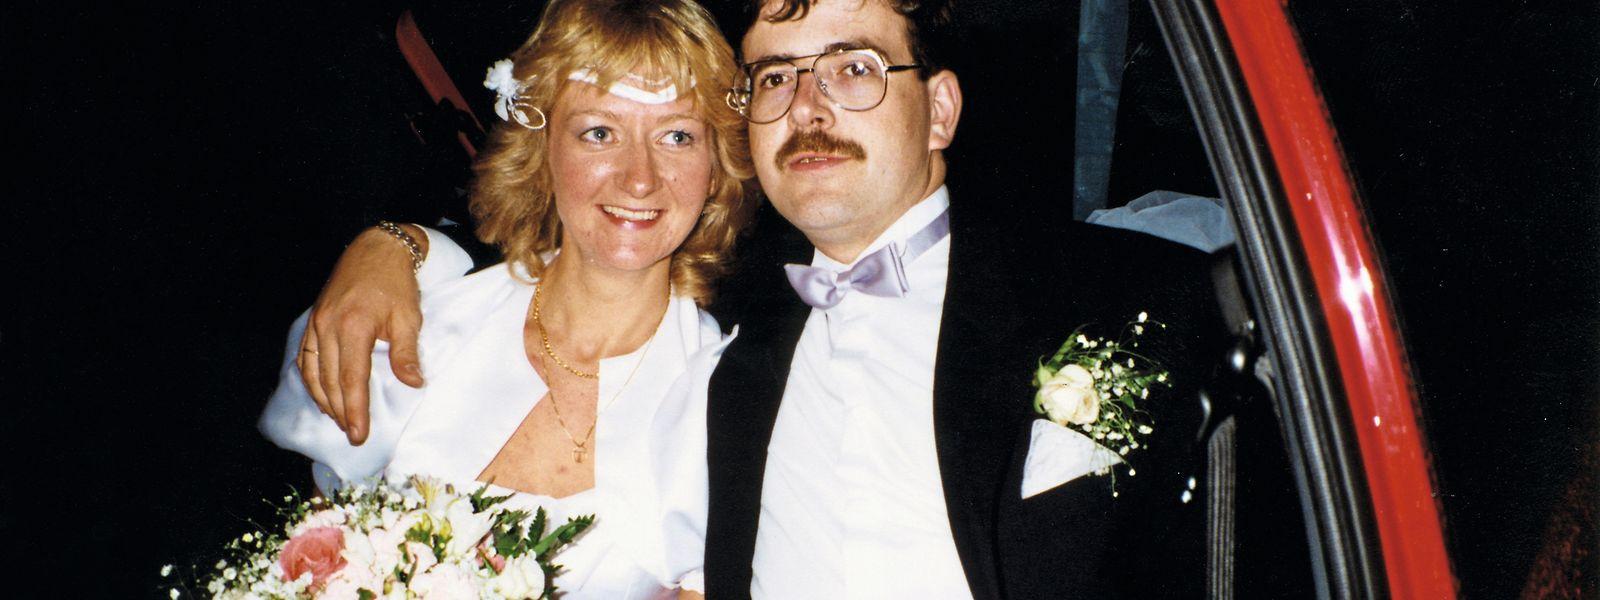 Gilles verliebte sich sofort in Chantal und ihre kleine Tochter. Bei ihr dauerte es ein wenig länger.